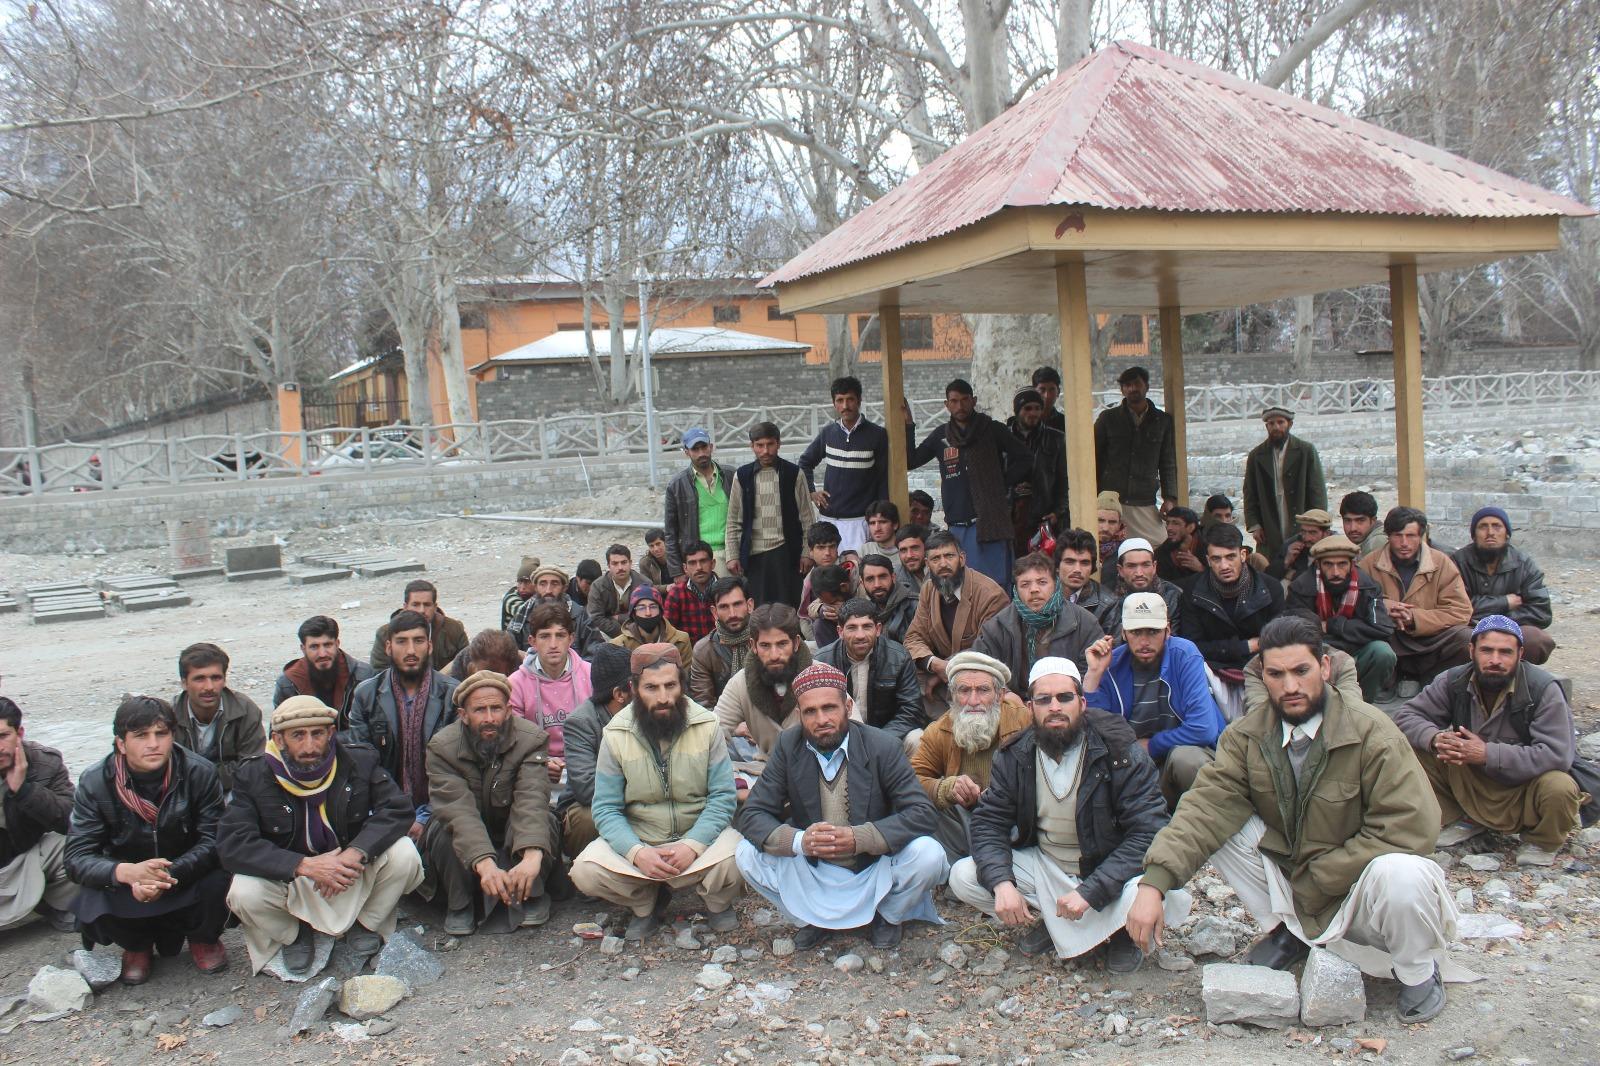 مسائل حل کرنے کی بجائے حملہ آور ہونے کا الزام، عمائدین تھول داس کا ایکسین محکمہ برقیات کے خلاف احتجاجی مظاہرہ